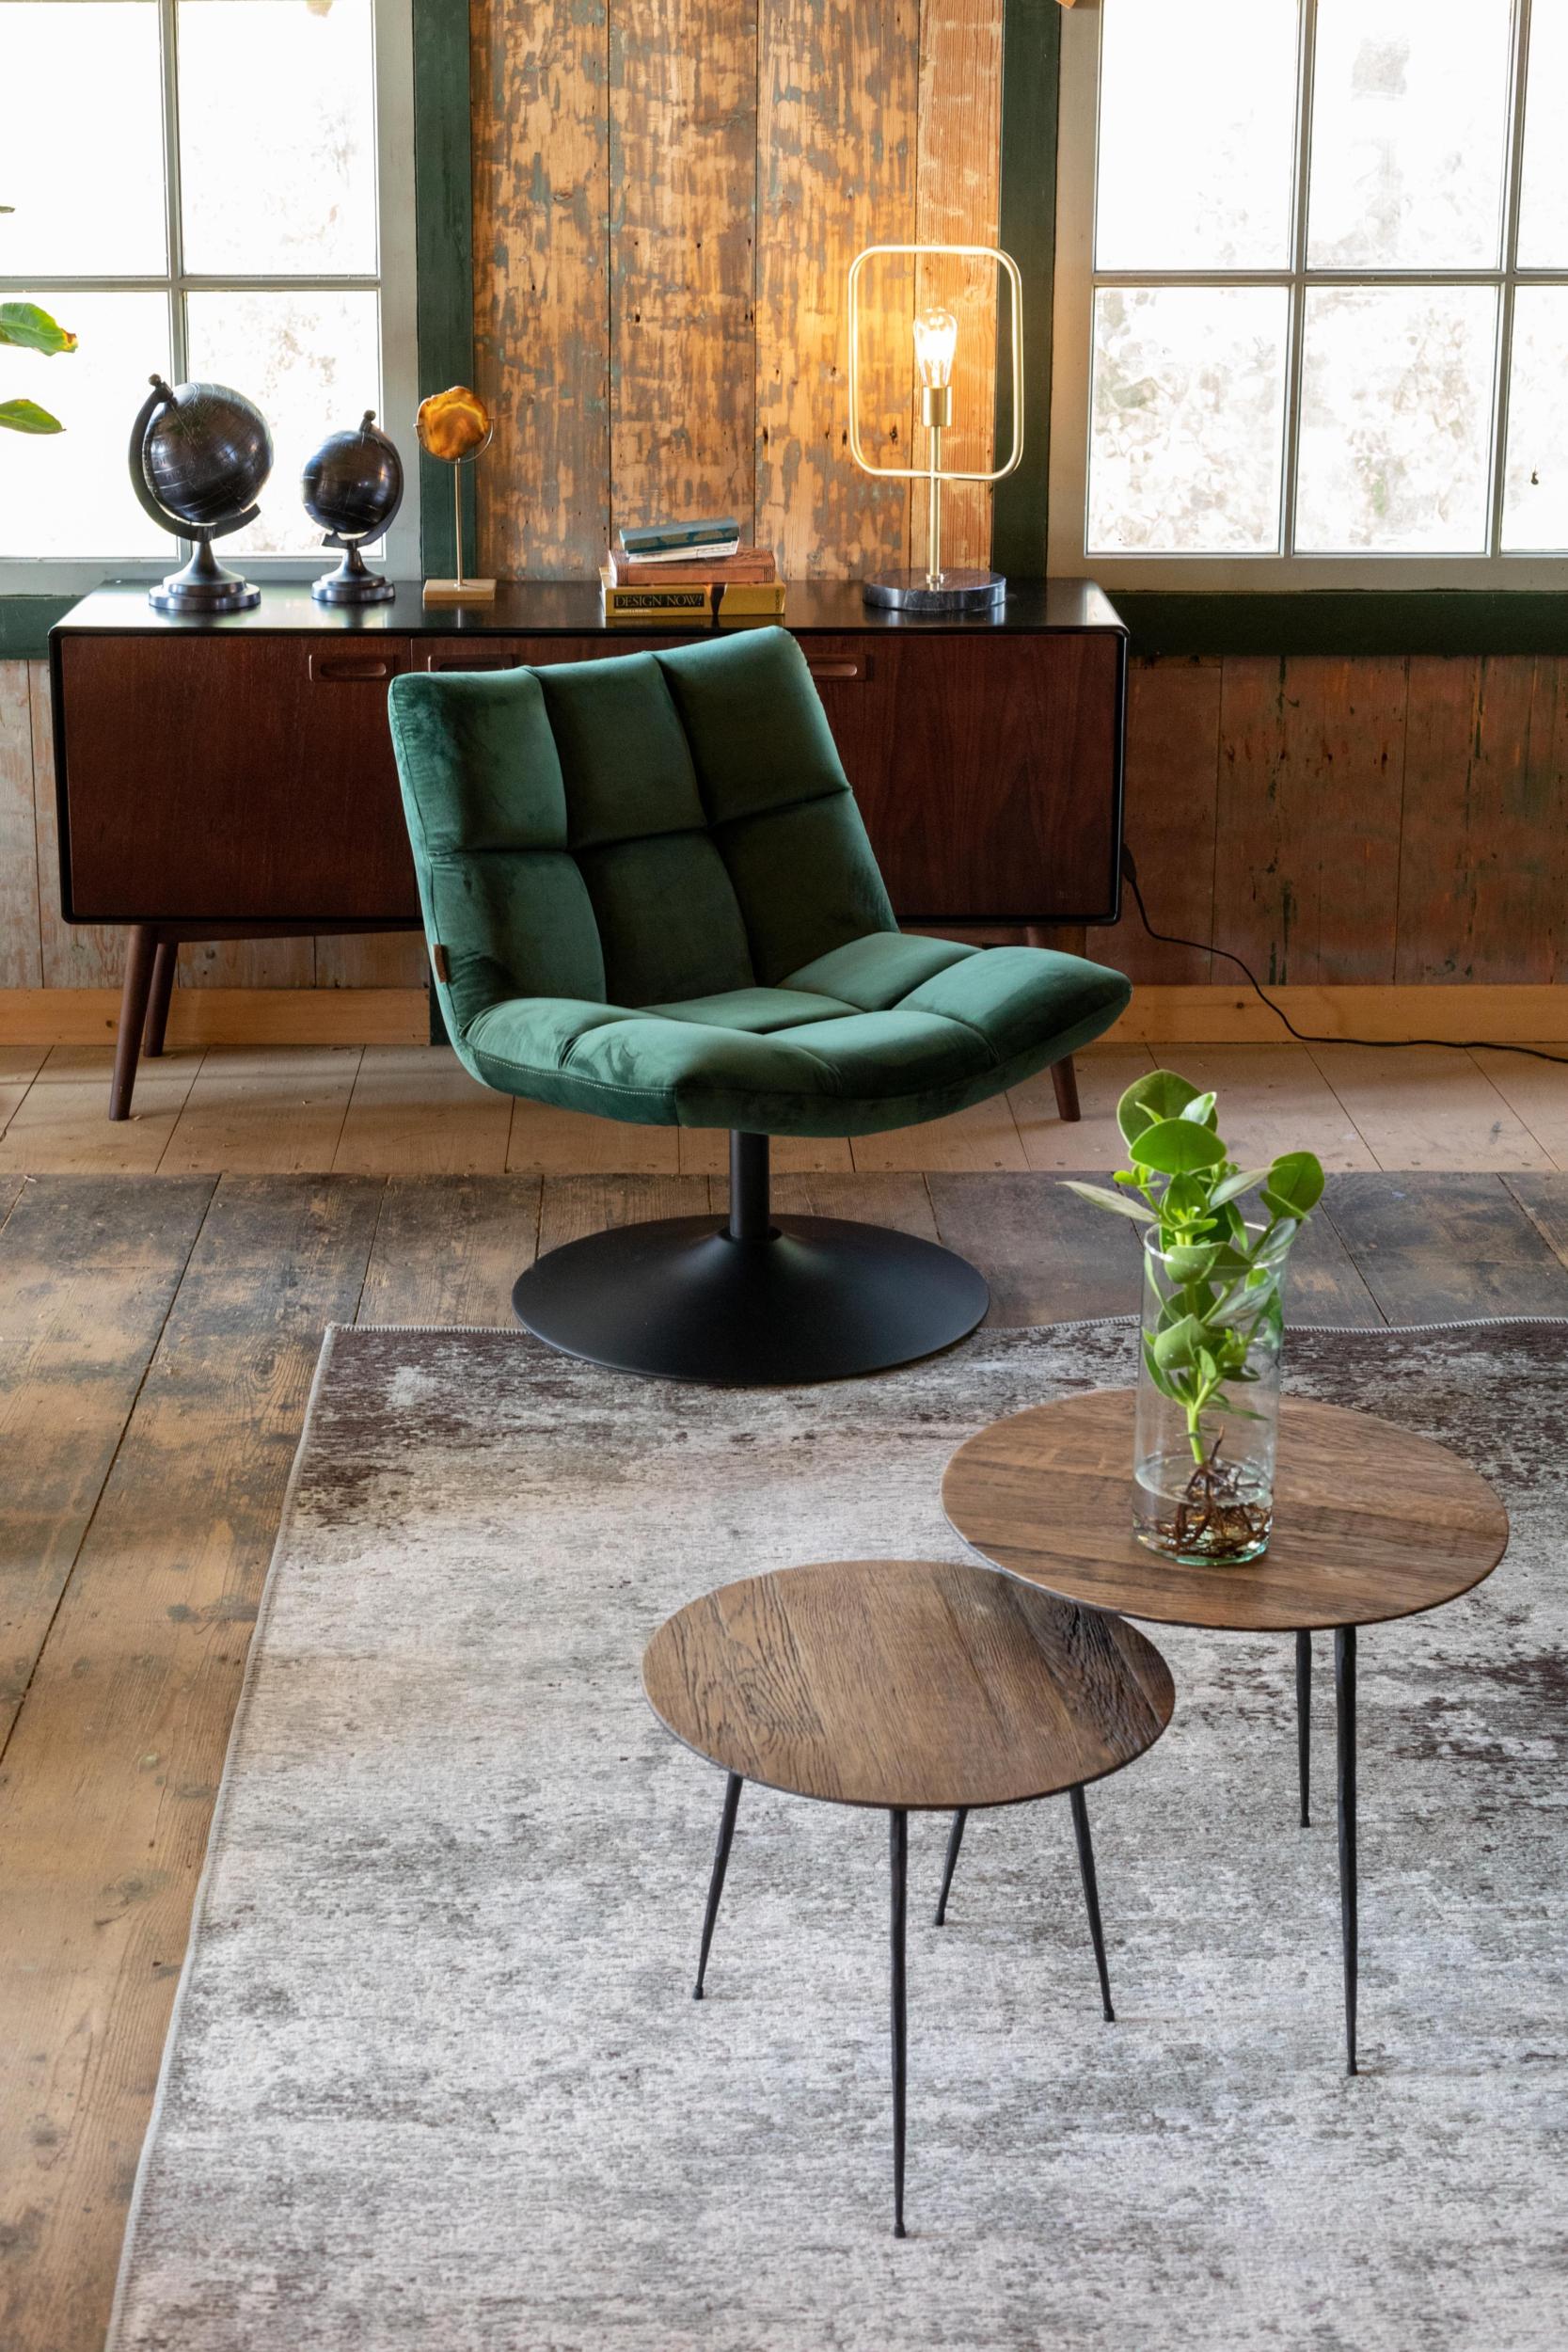 BAR velvet lounge chair